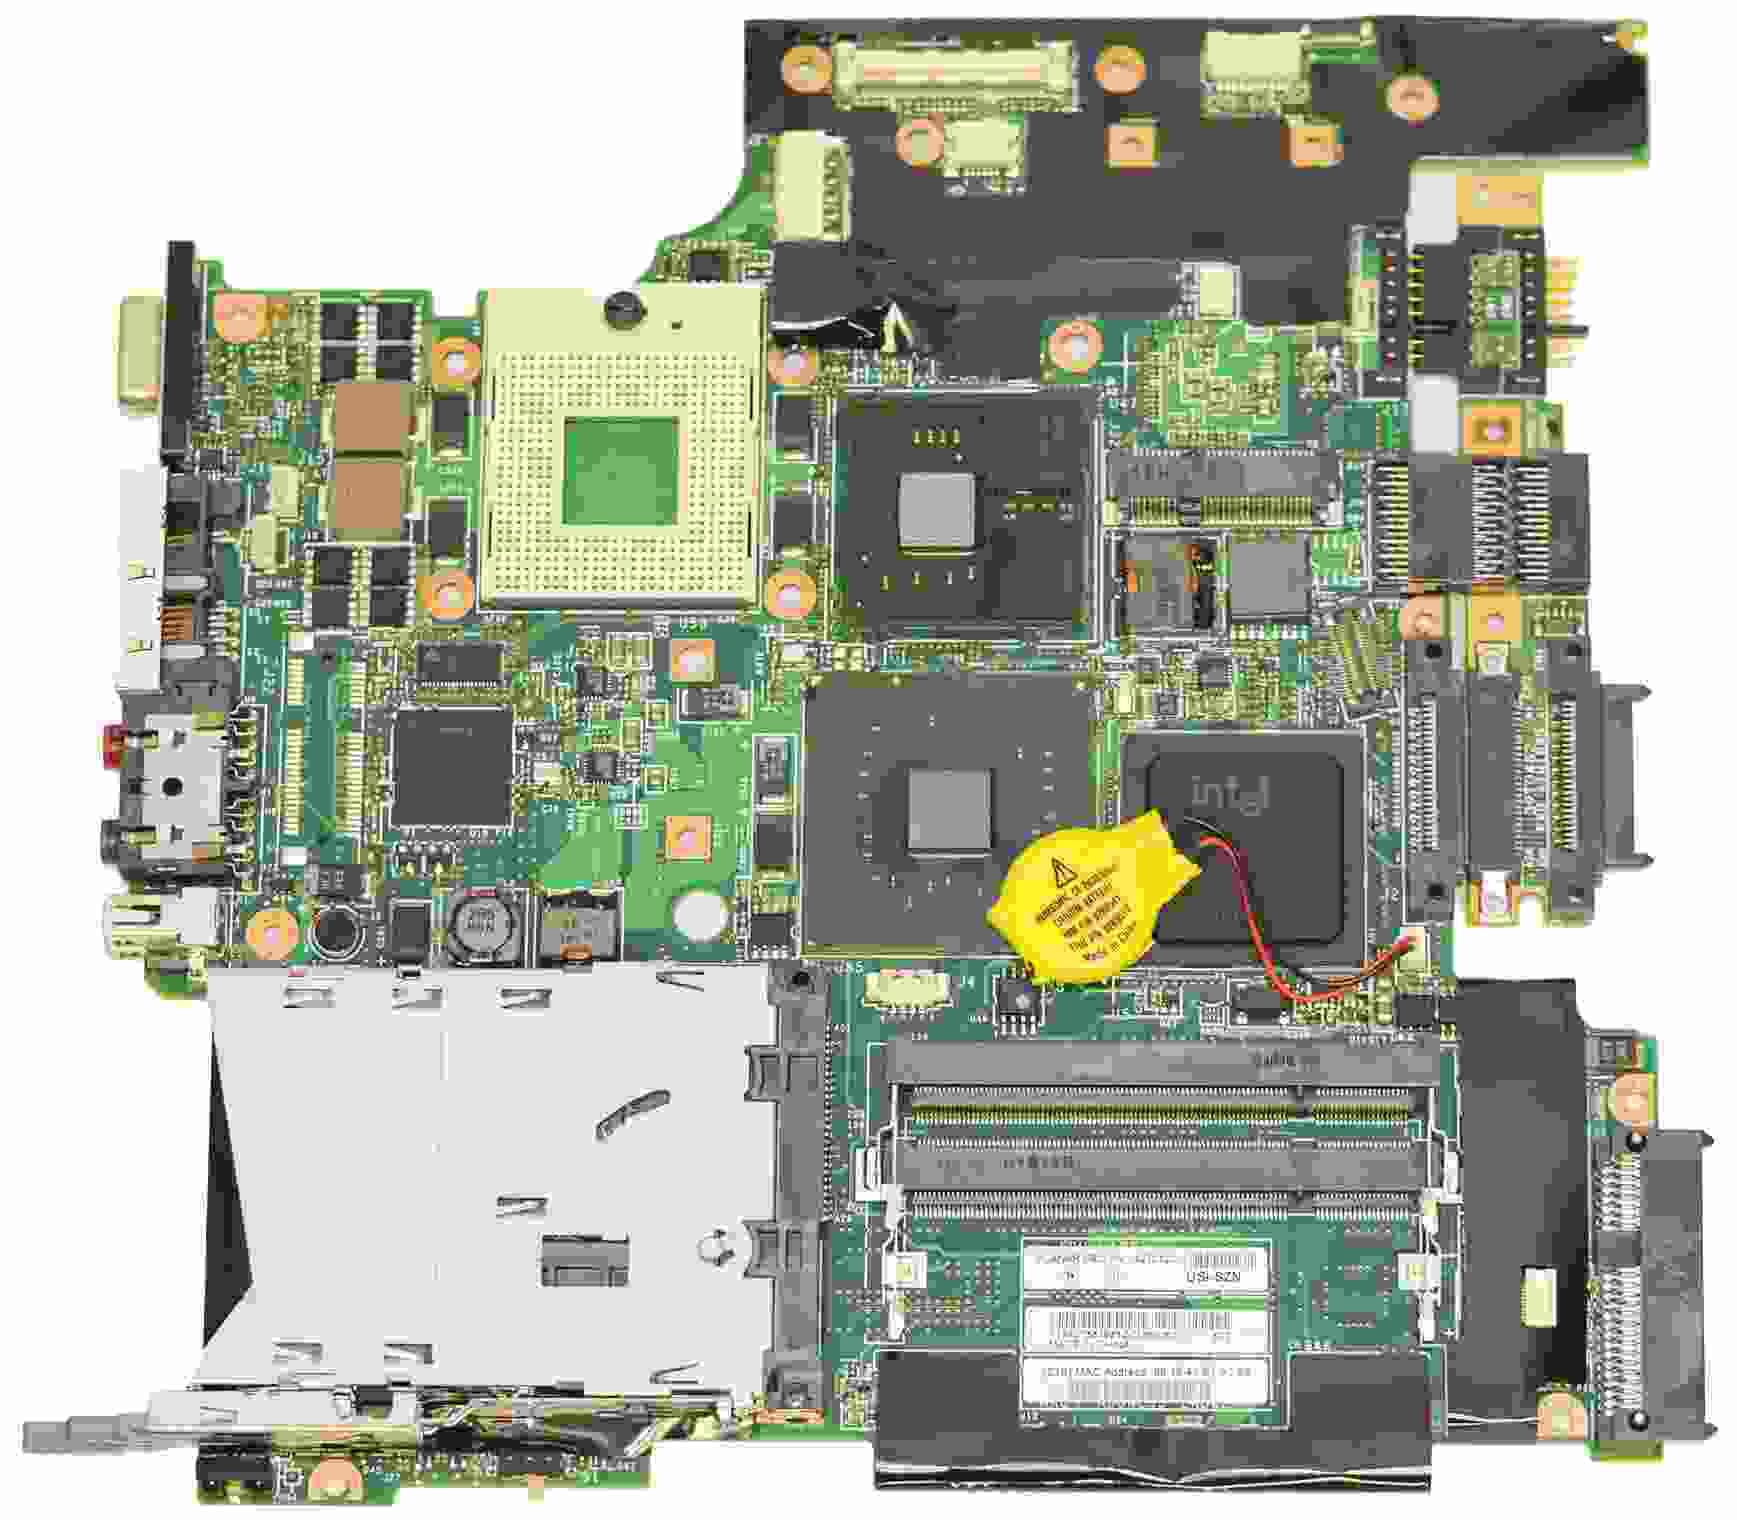 42T0120 Lenovo ThinkPad T60 Laptop placa madre Intel con ATI 64MB s478 + Lenovo en Veo y Compro